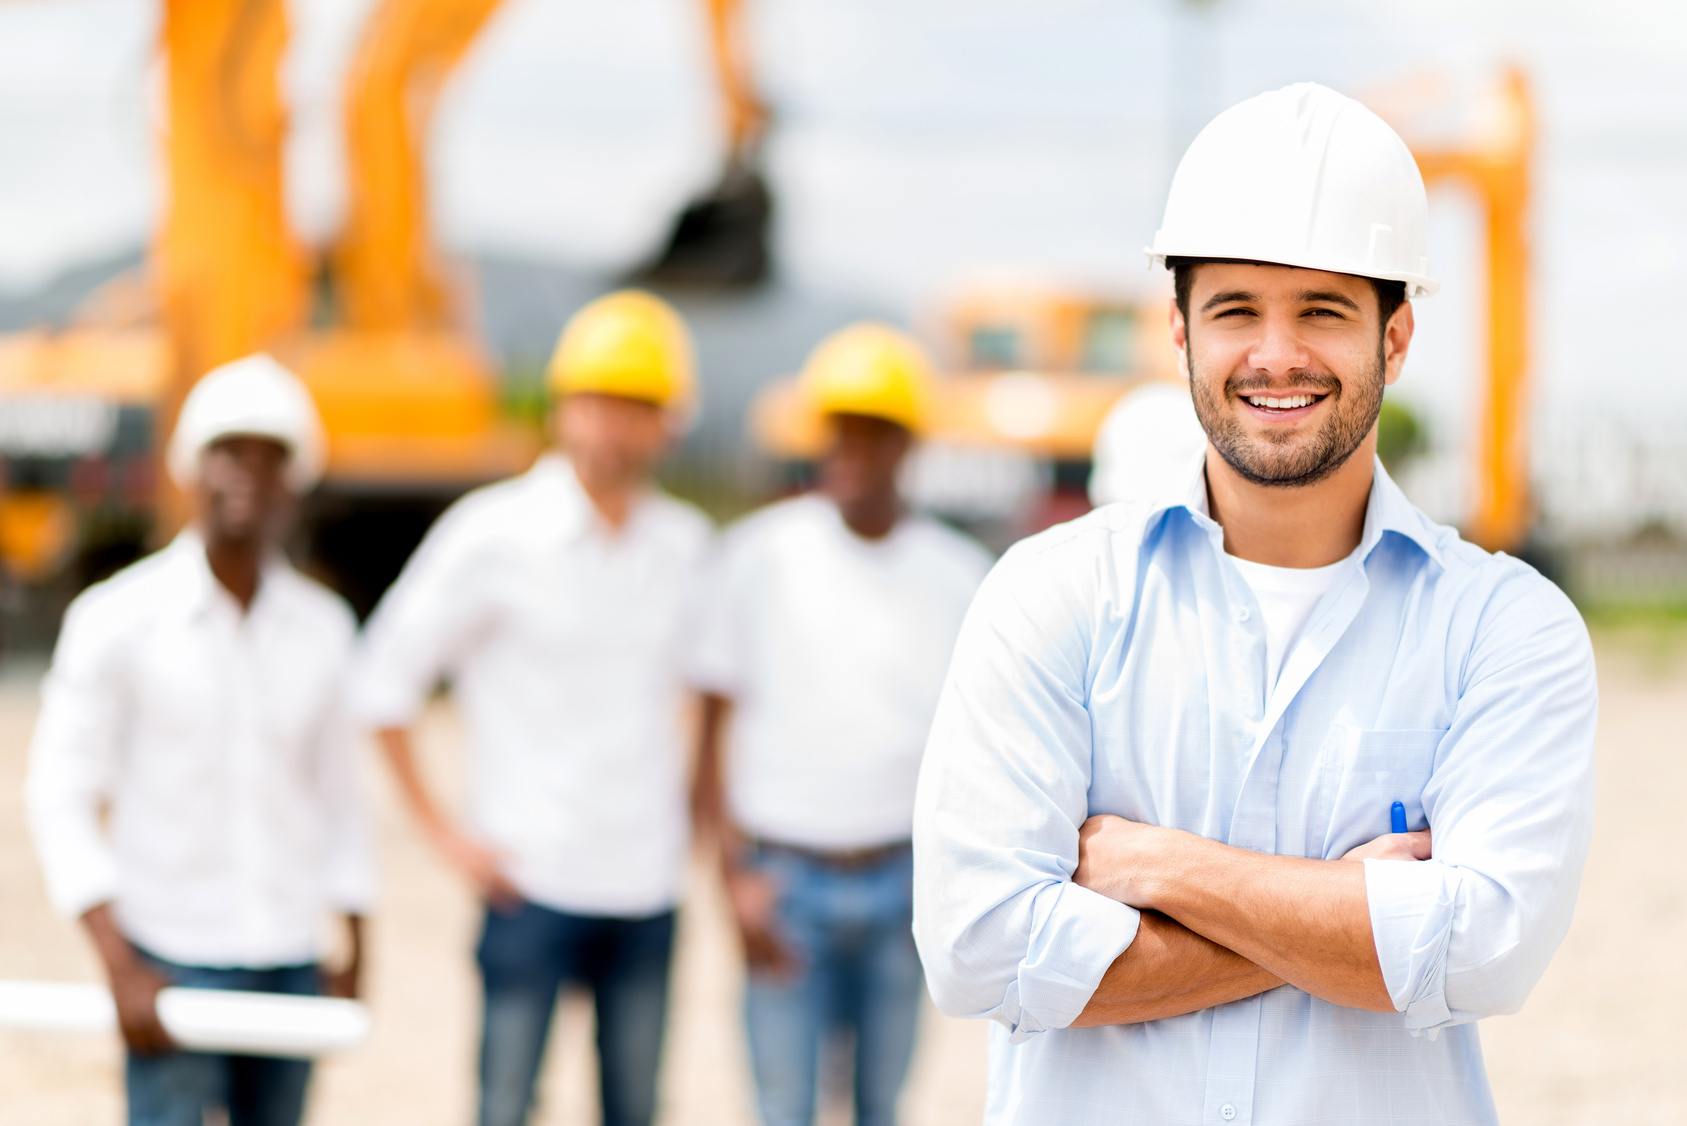 O que um engenheiro civil faz?